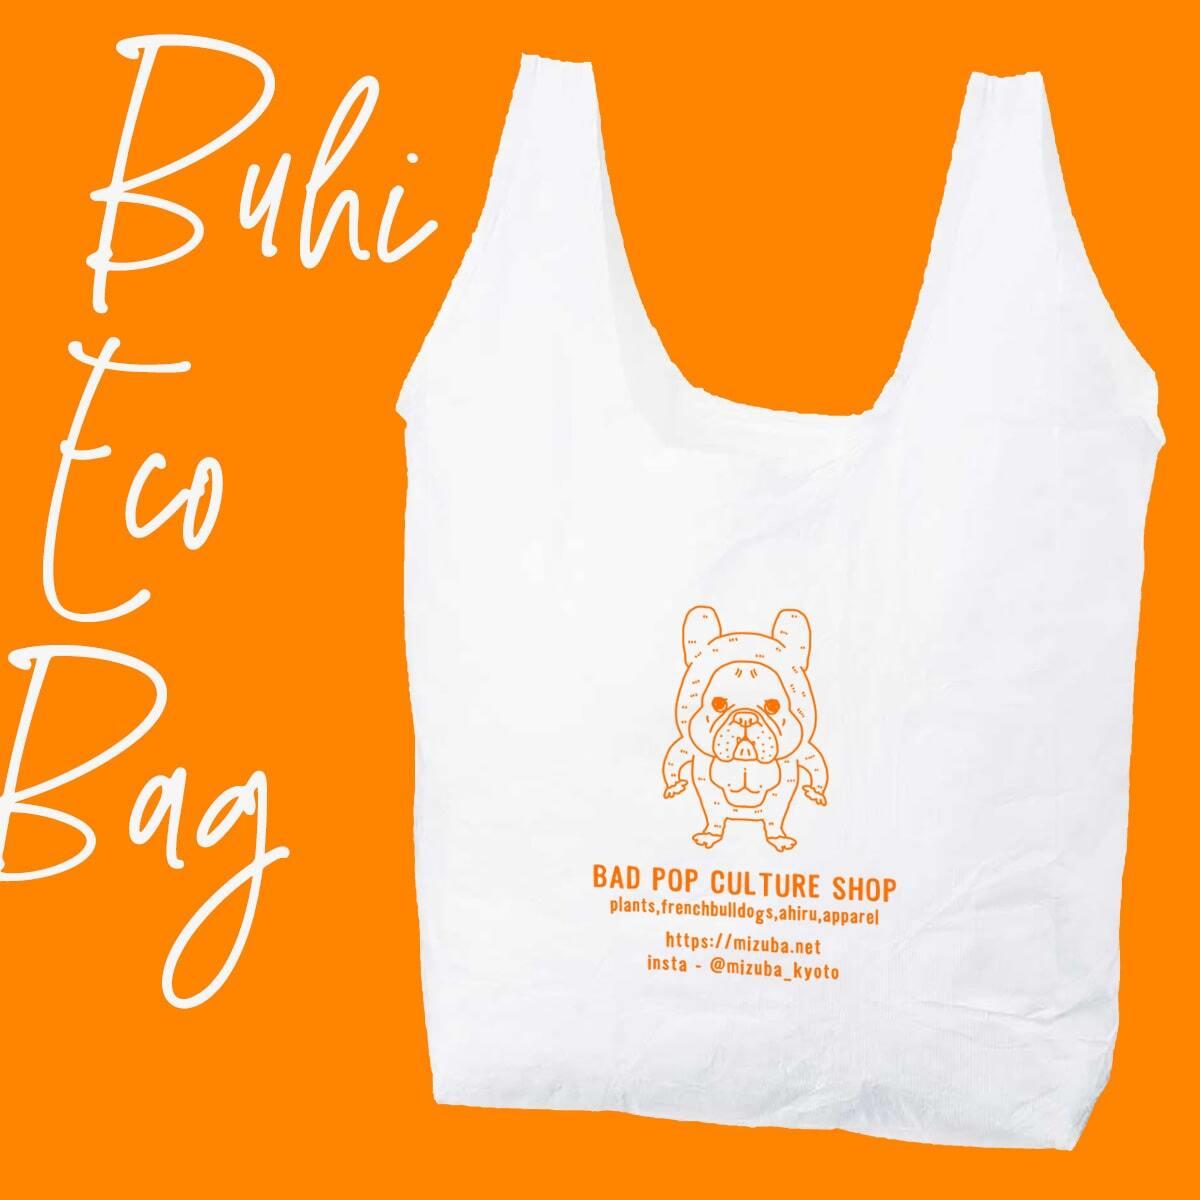 BUHI Eco bag